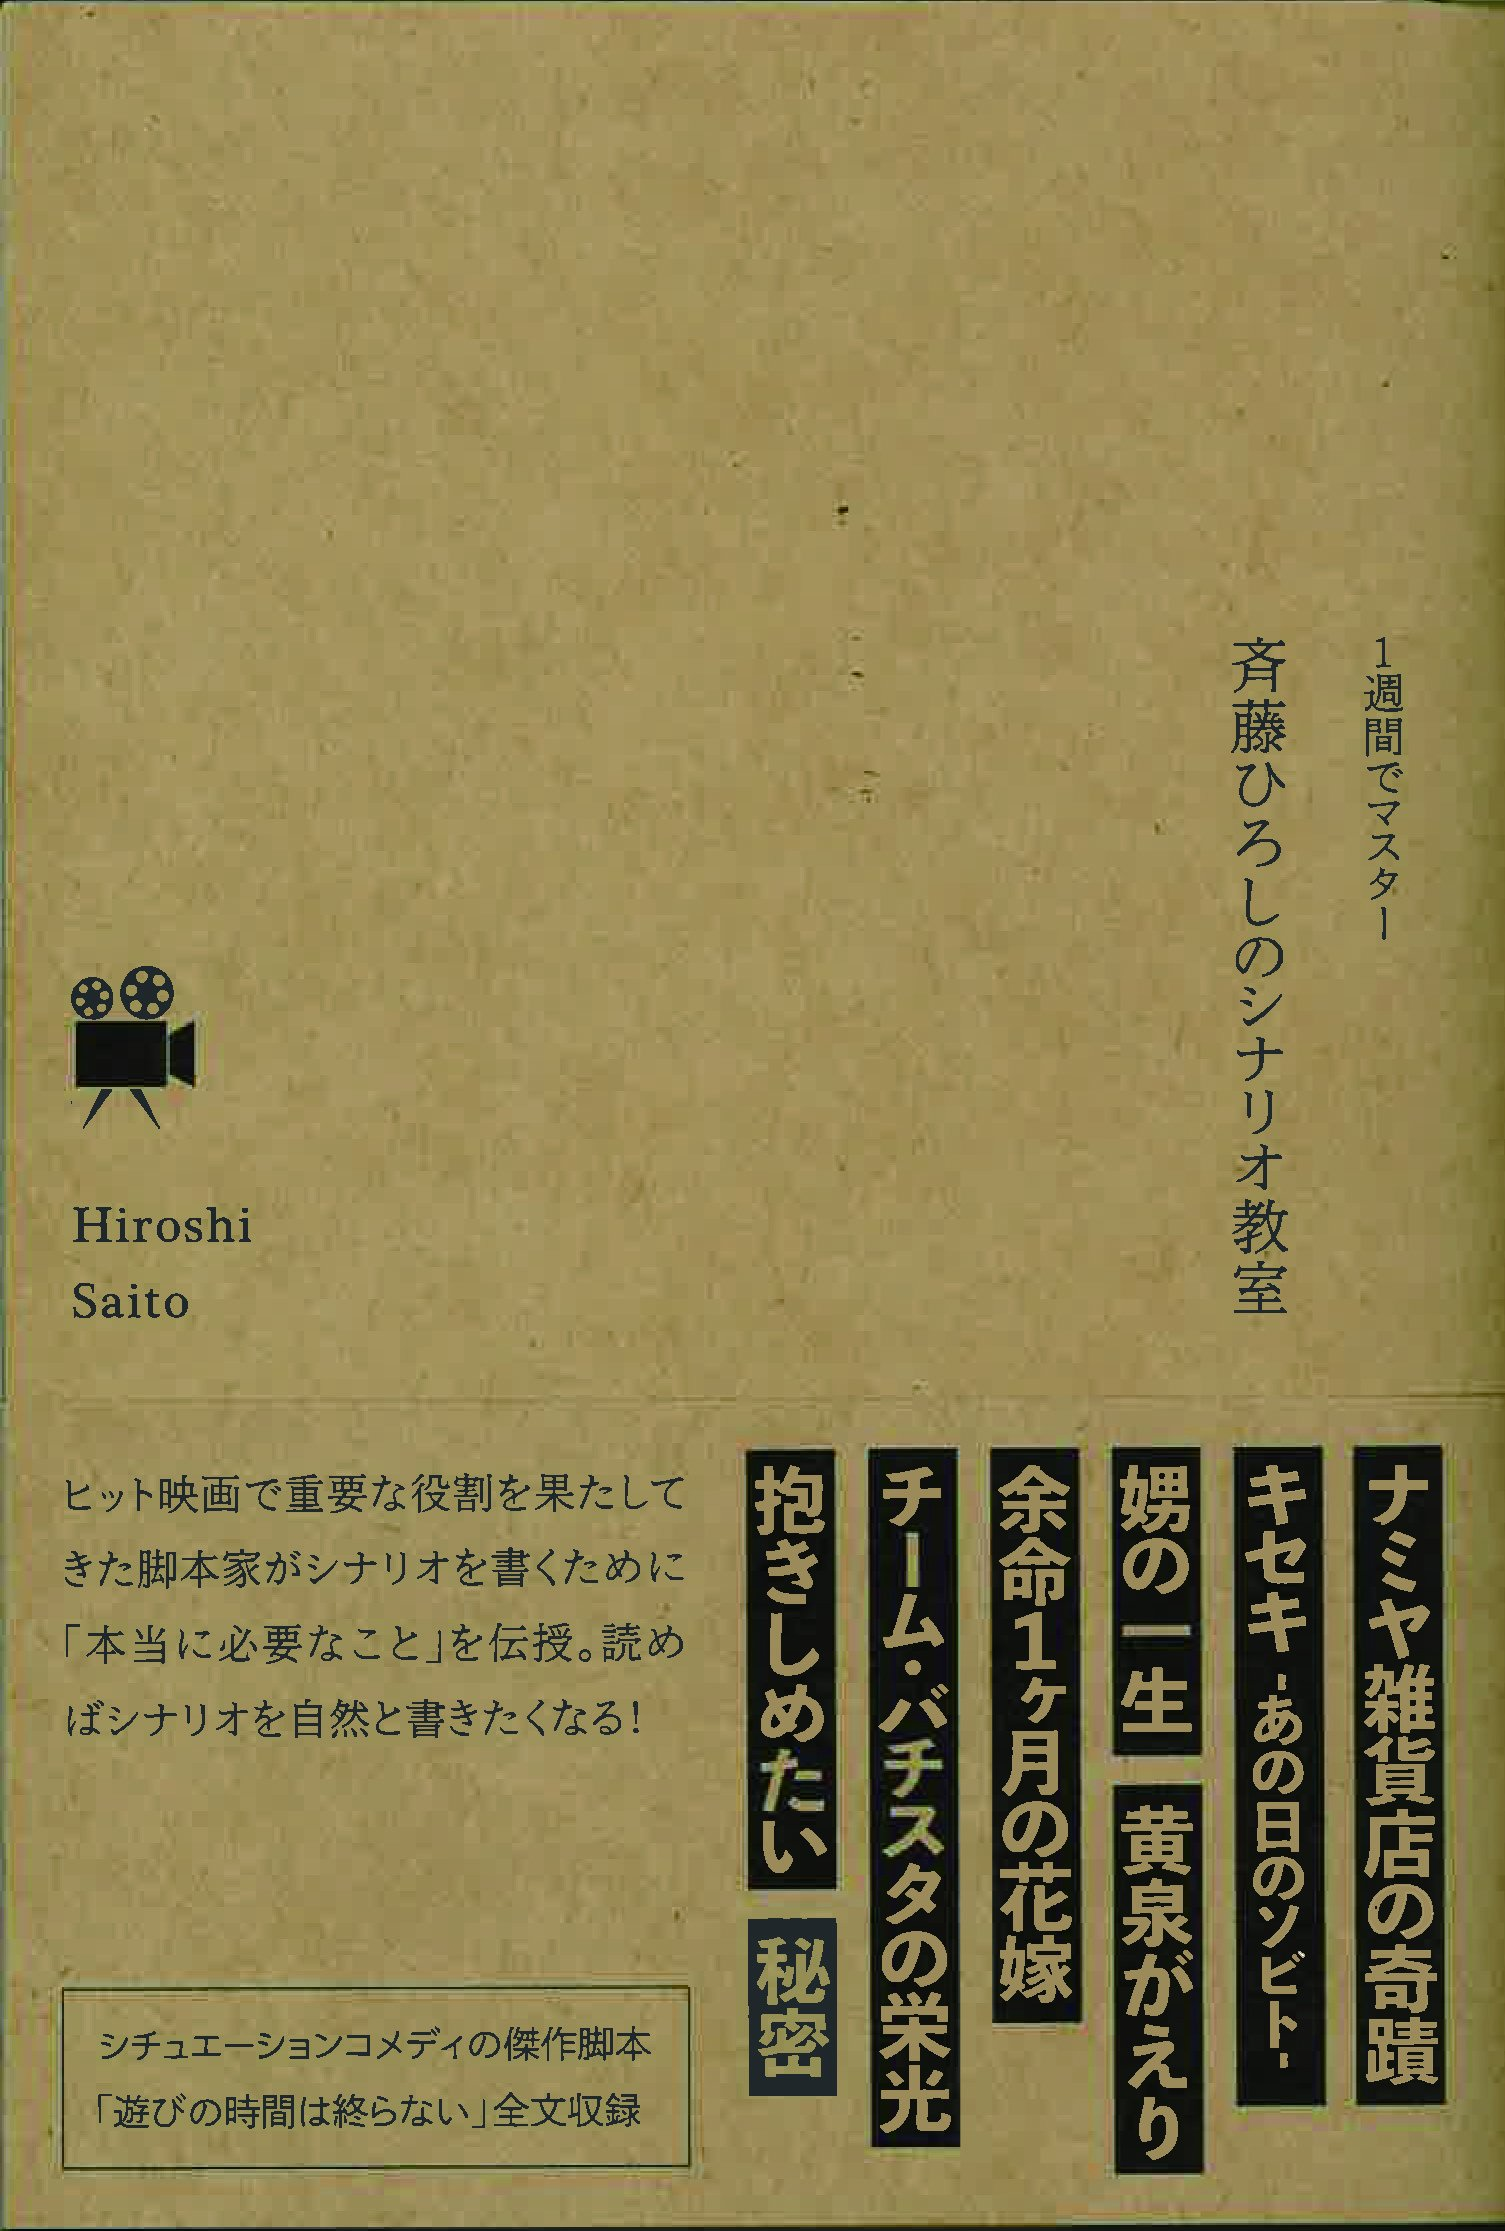 斉藤ひろし